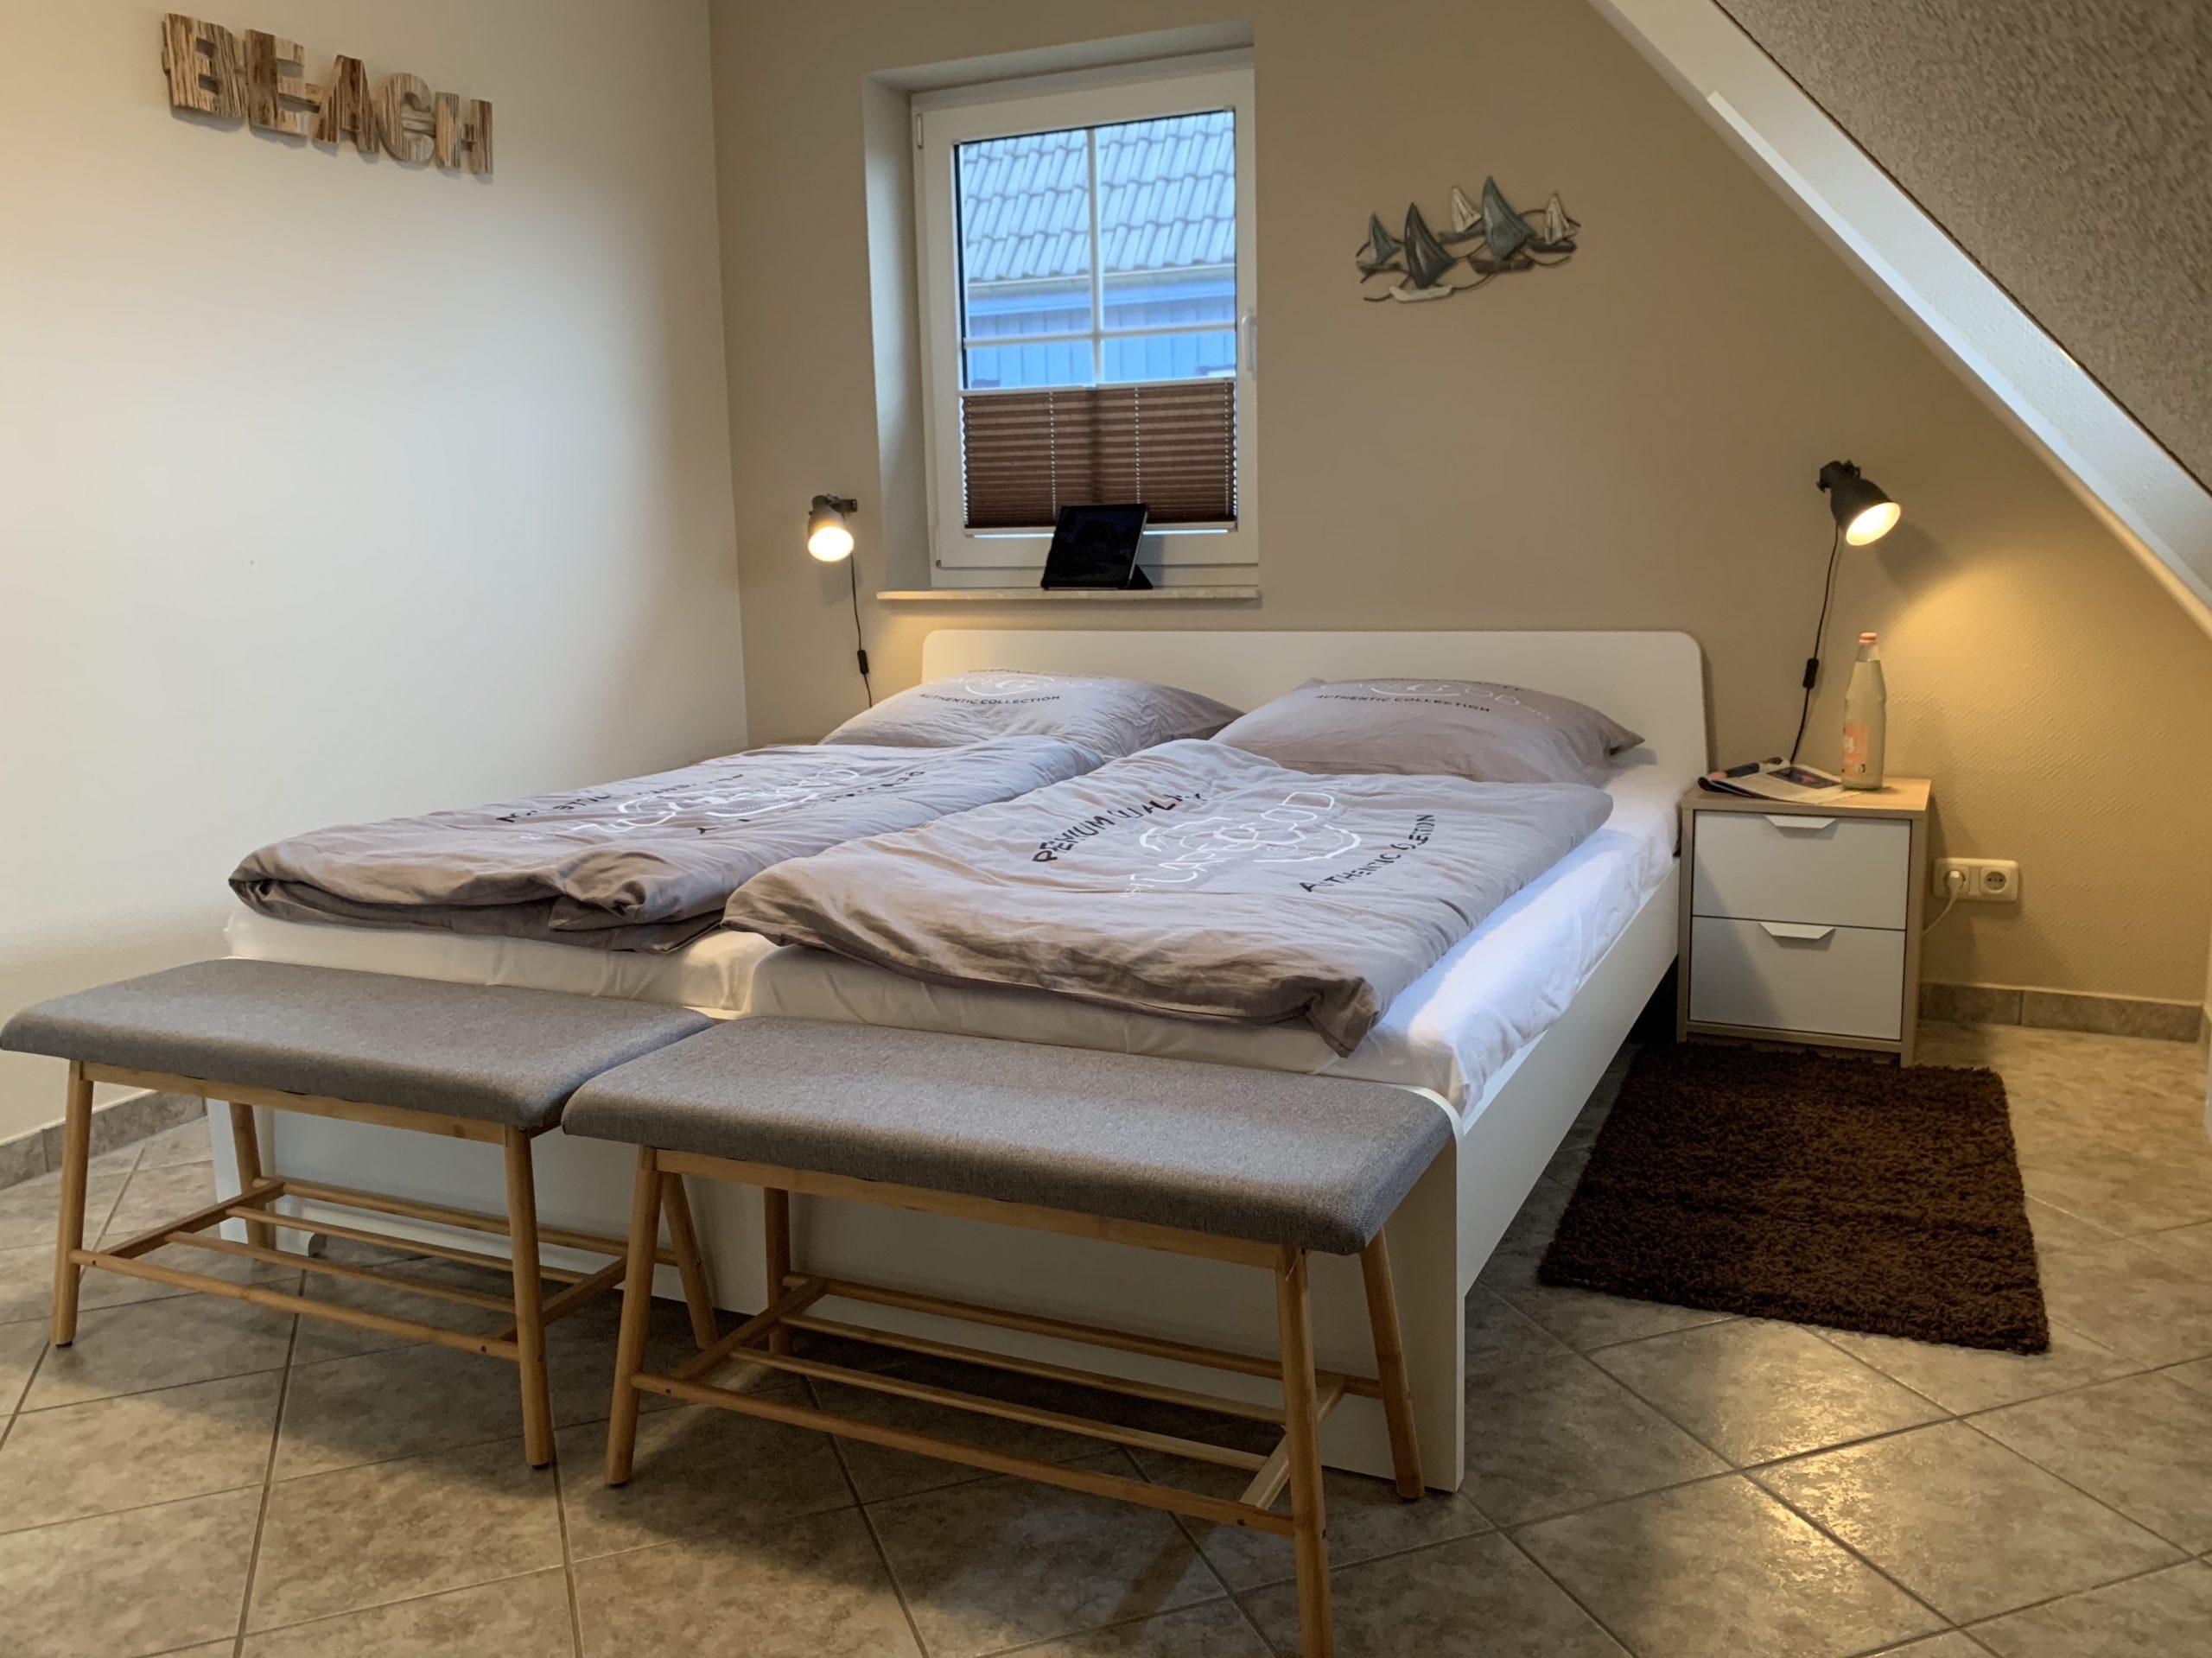 Doppelbett mit zwei Matratzen: je 0,90m x 2,00m